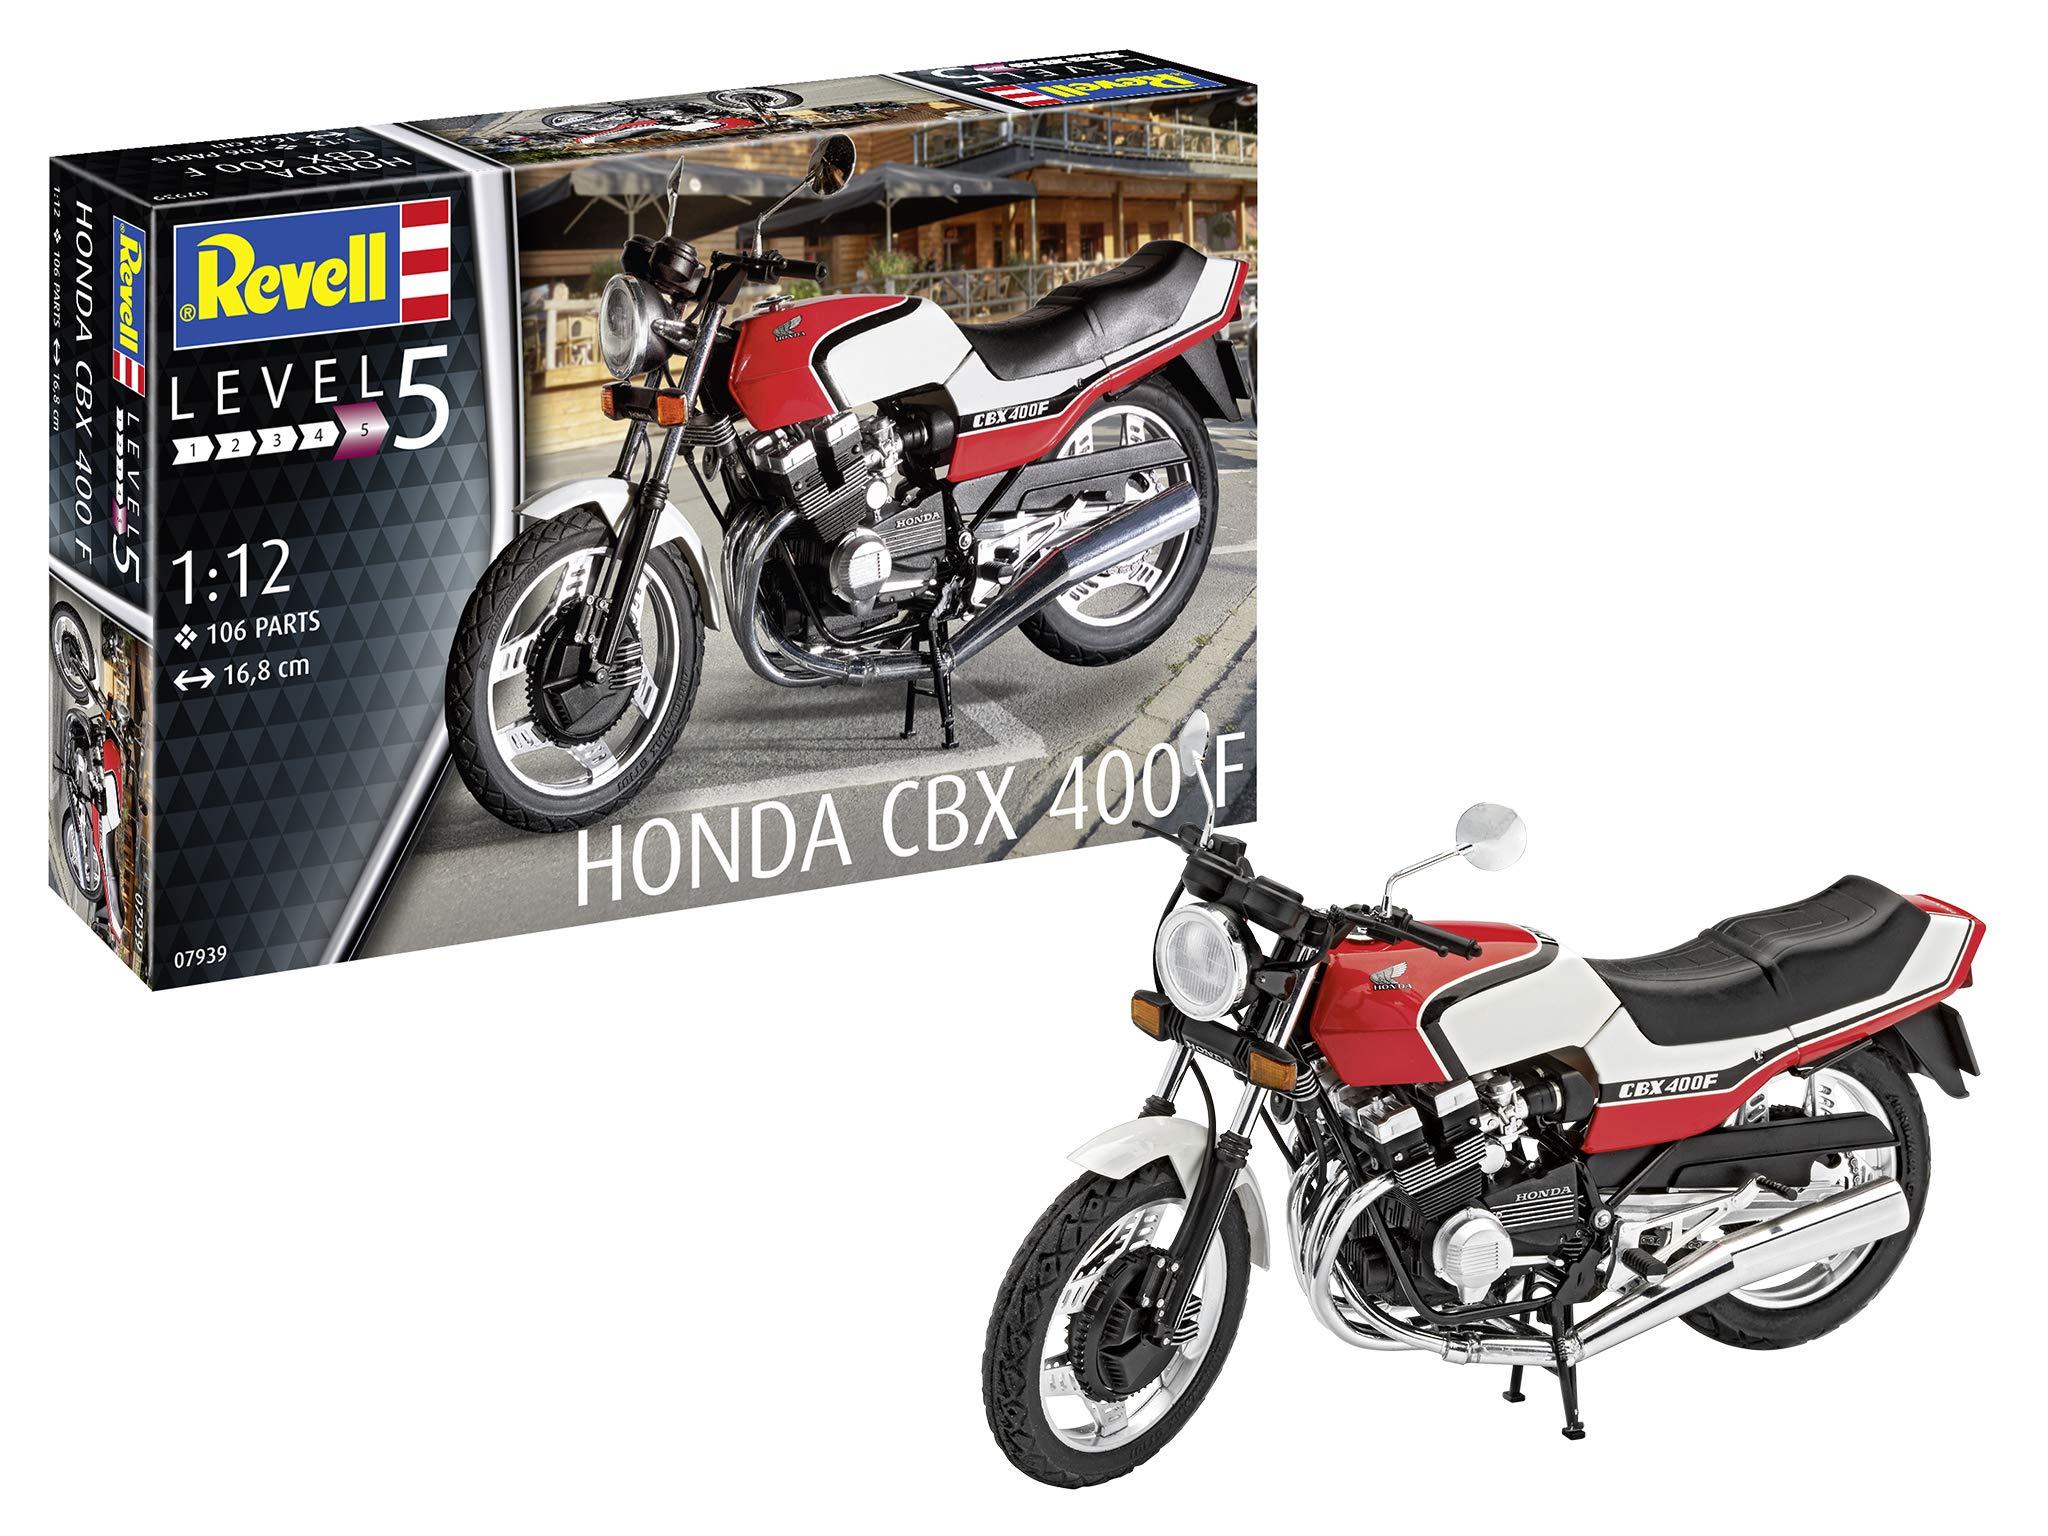 Revell GmbH 07939 Honda CBX 400 F Plastic Model Kit, White, 1:12